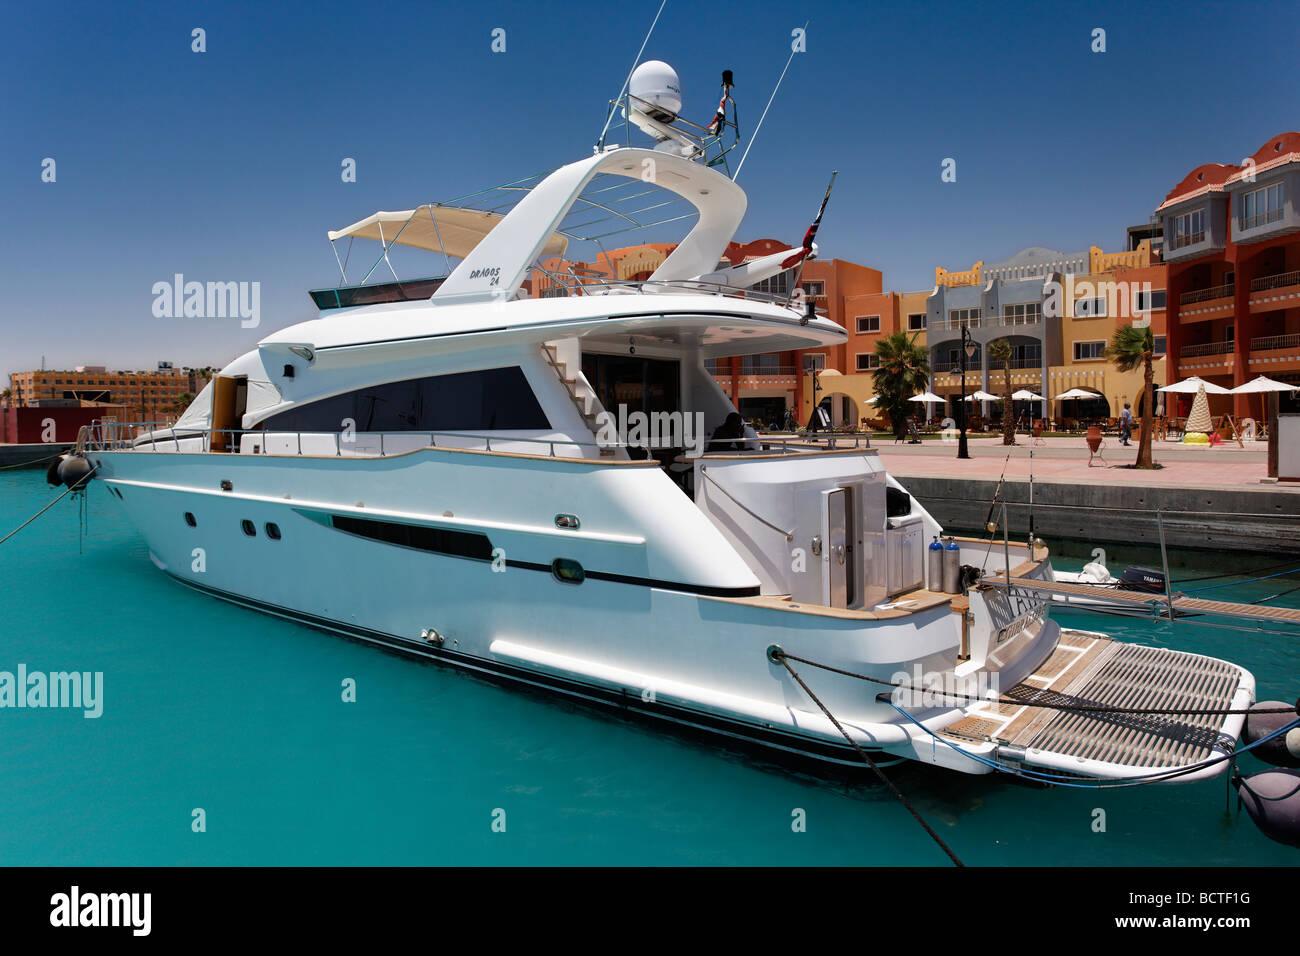 Yacht privé devant les maisons dans la marina, Hurghada, Egypte, Mer Rouge, Afrique Photo Stock